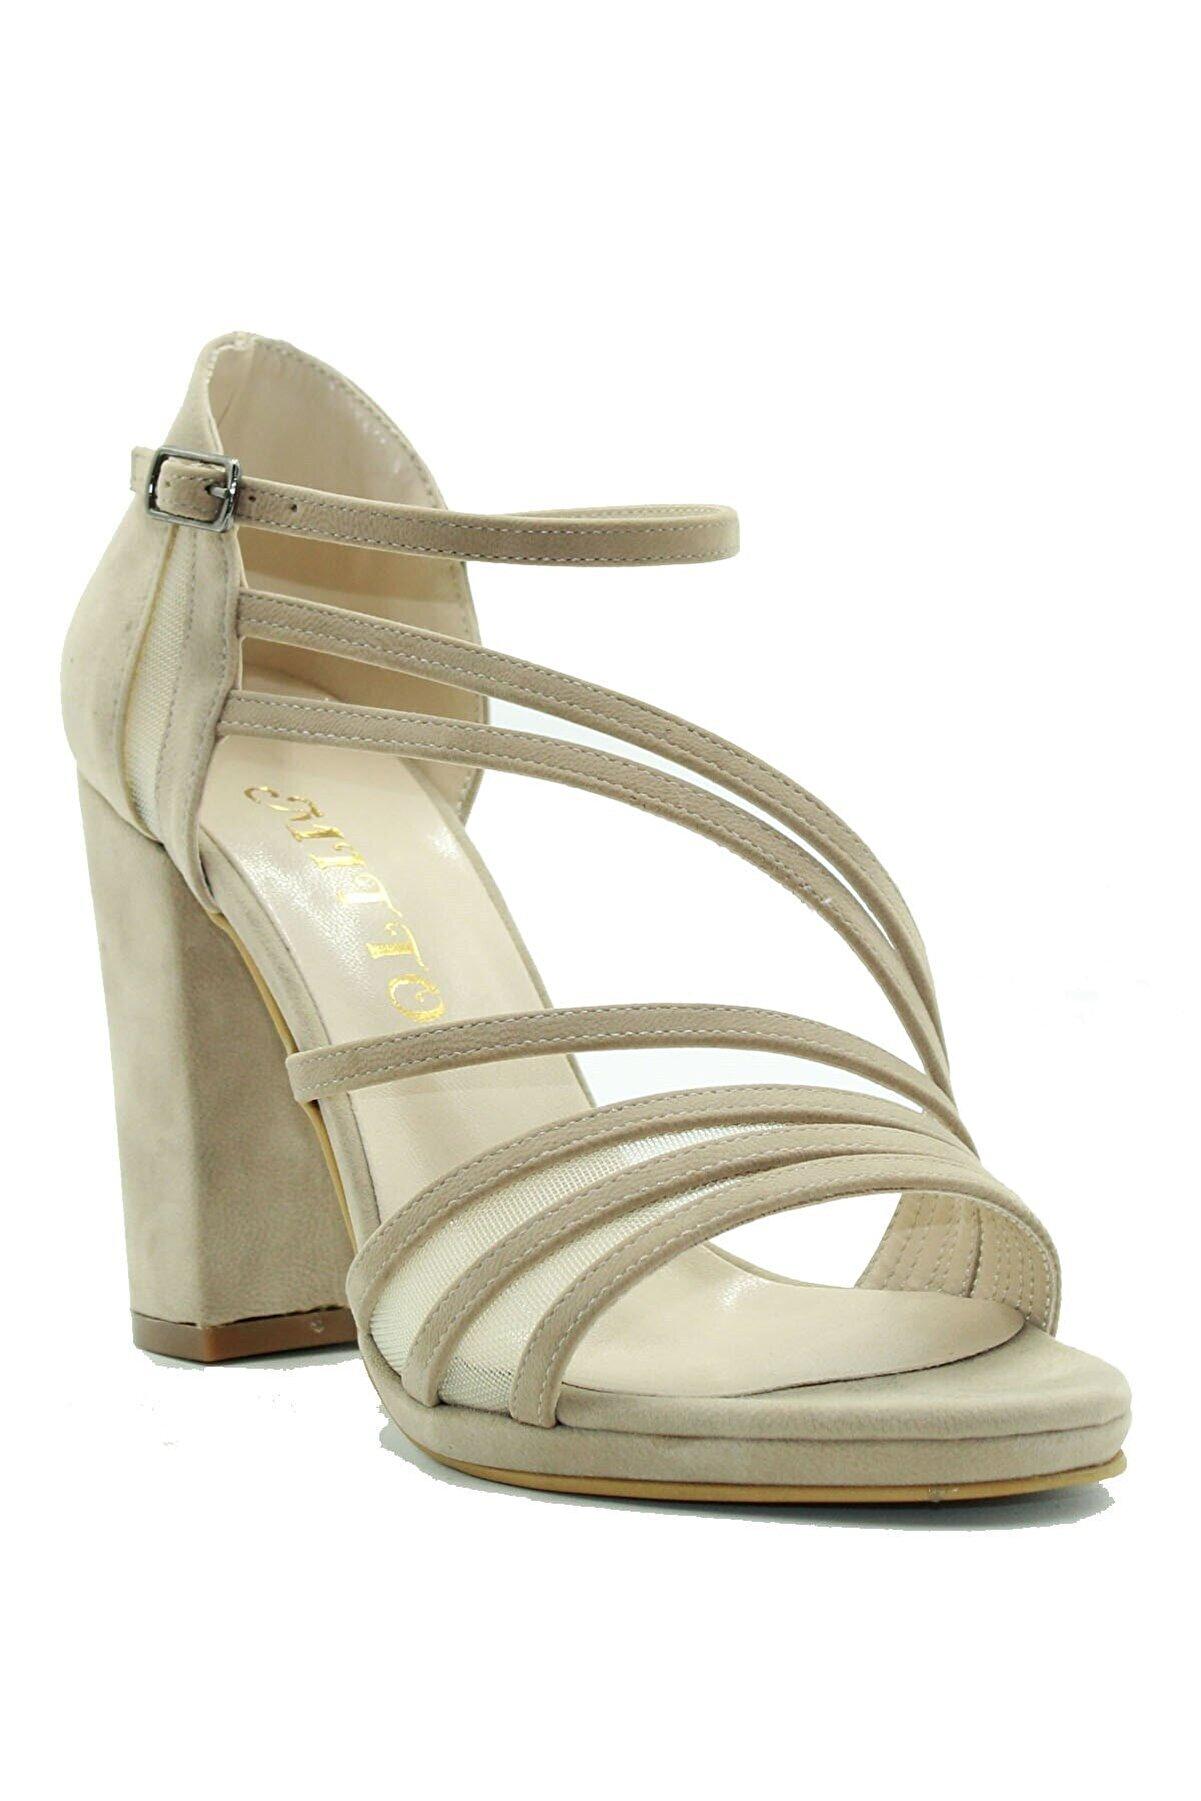 Mitto Kadın Bej Topuklu Ayakkabı 100